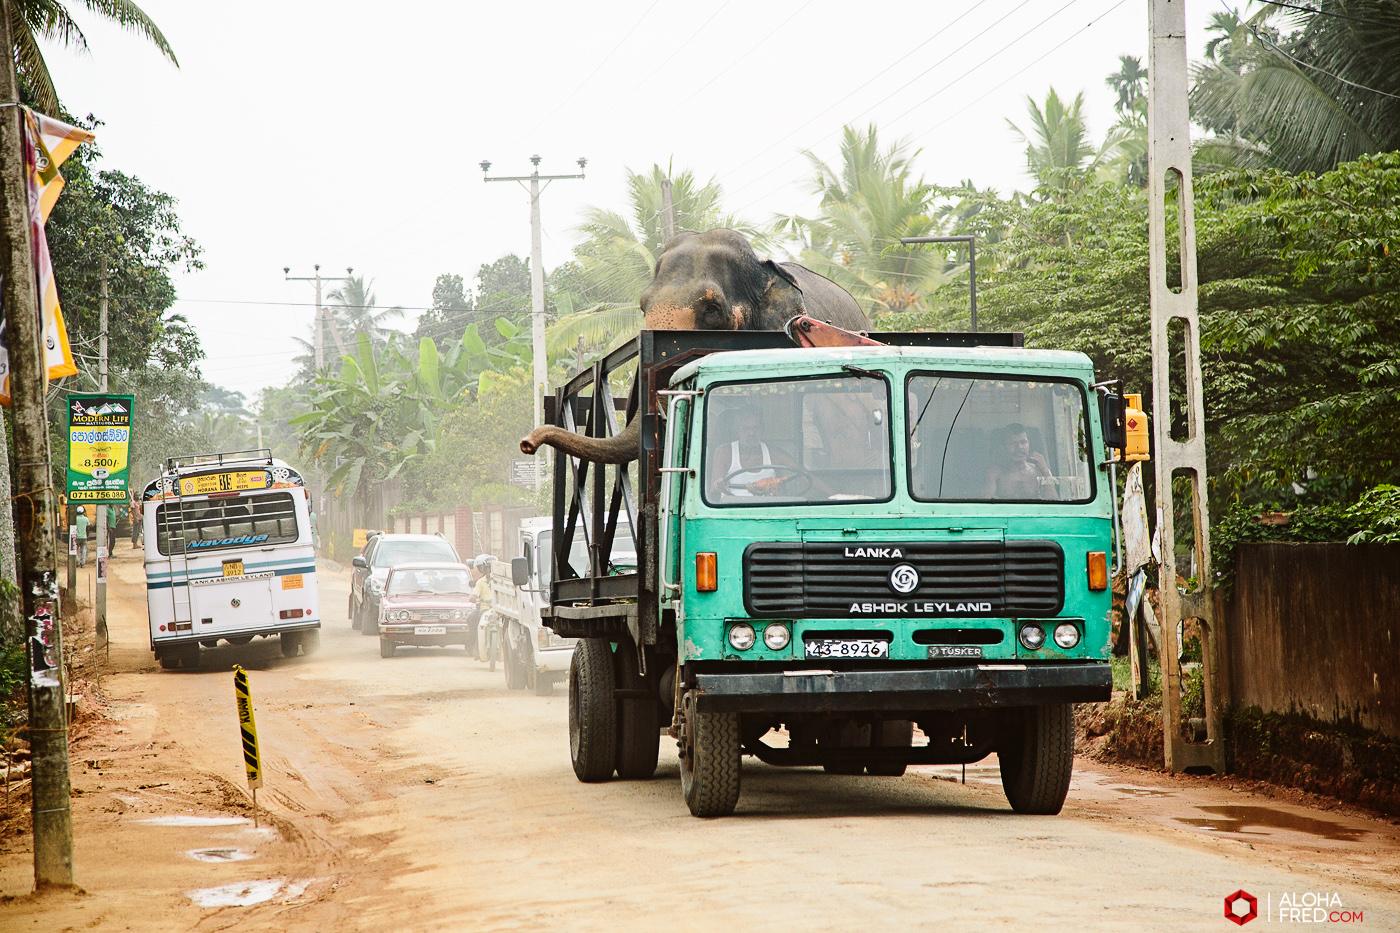 0079 - Sri Lanka - CP1A7537